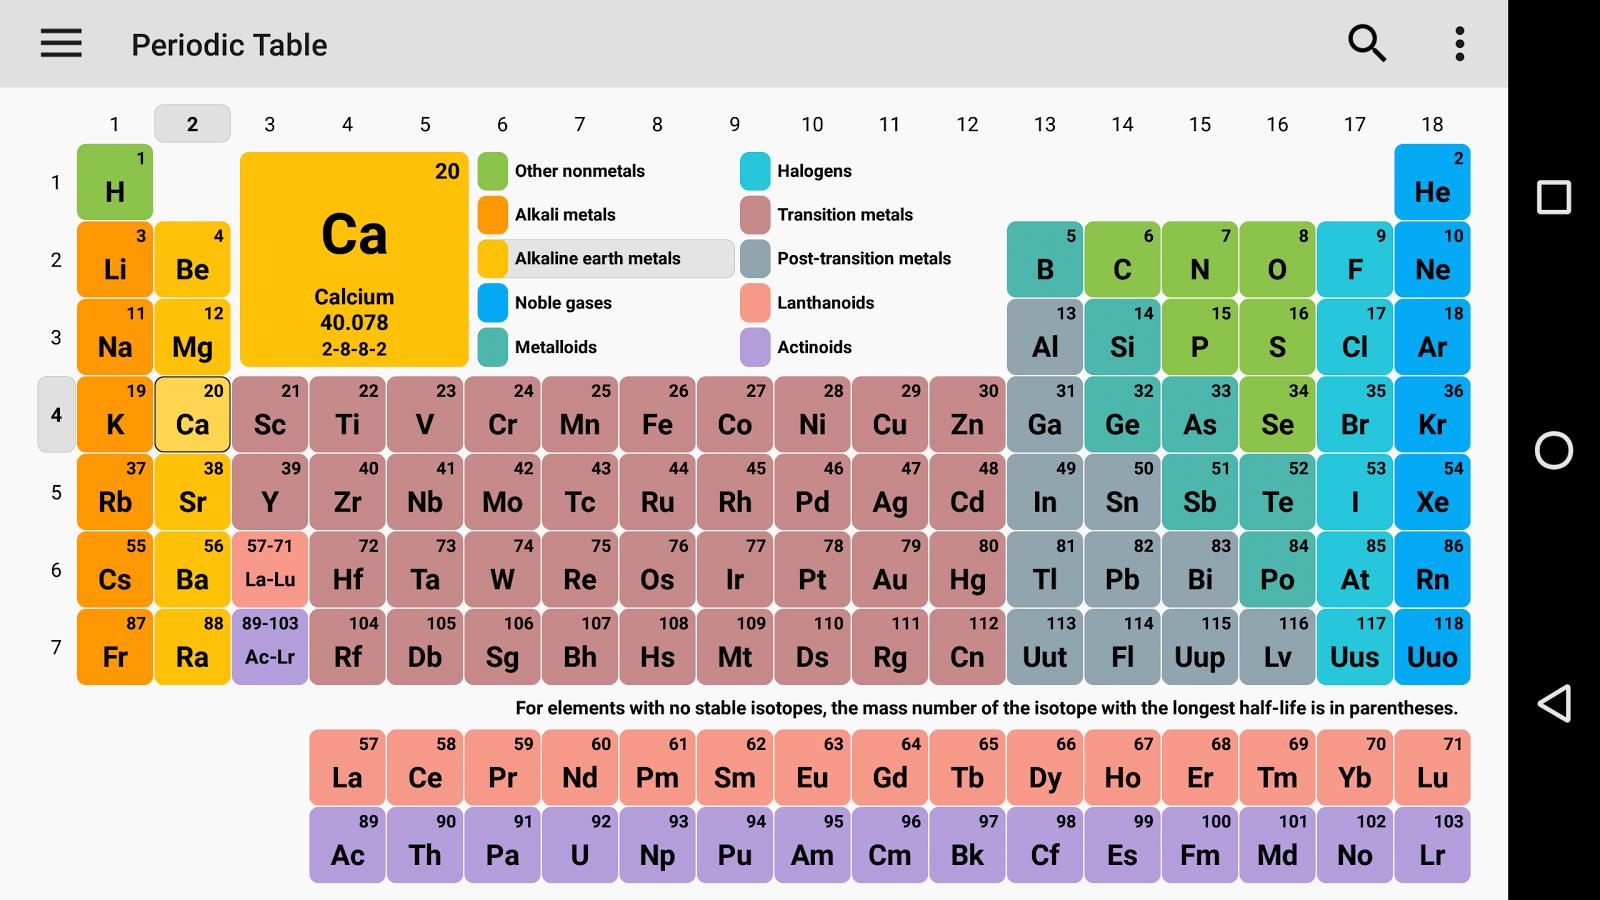 热力学, 材料, 电磁, 原子核性质及化学性质 3) 每种元素的电子层结构